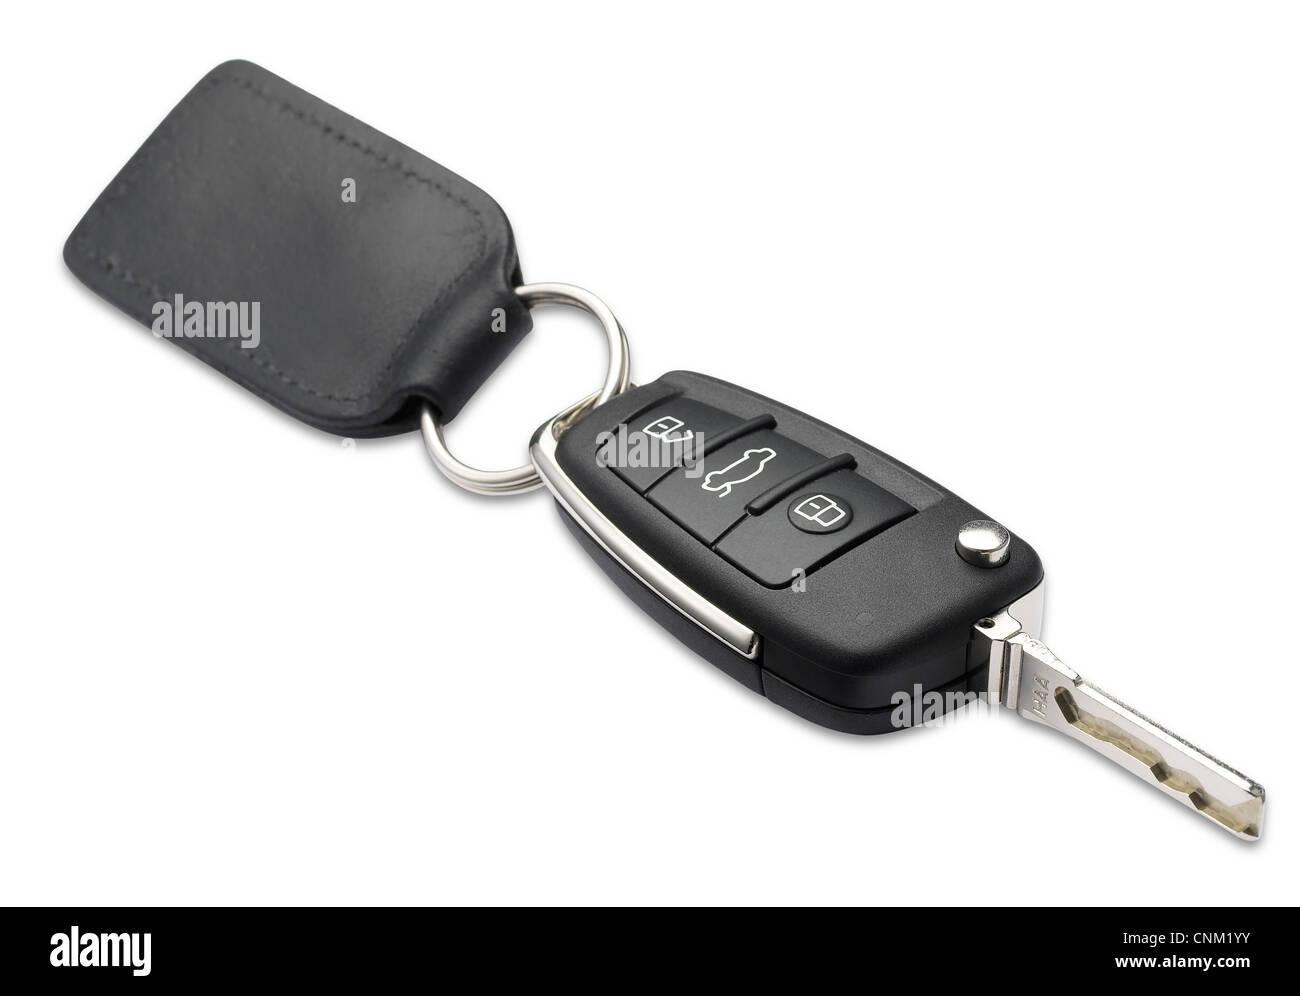 Un coche llave y llavero con poca profundidad de campo en blanco con trazado de recorte Imagen De Stock